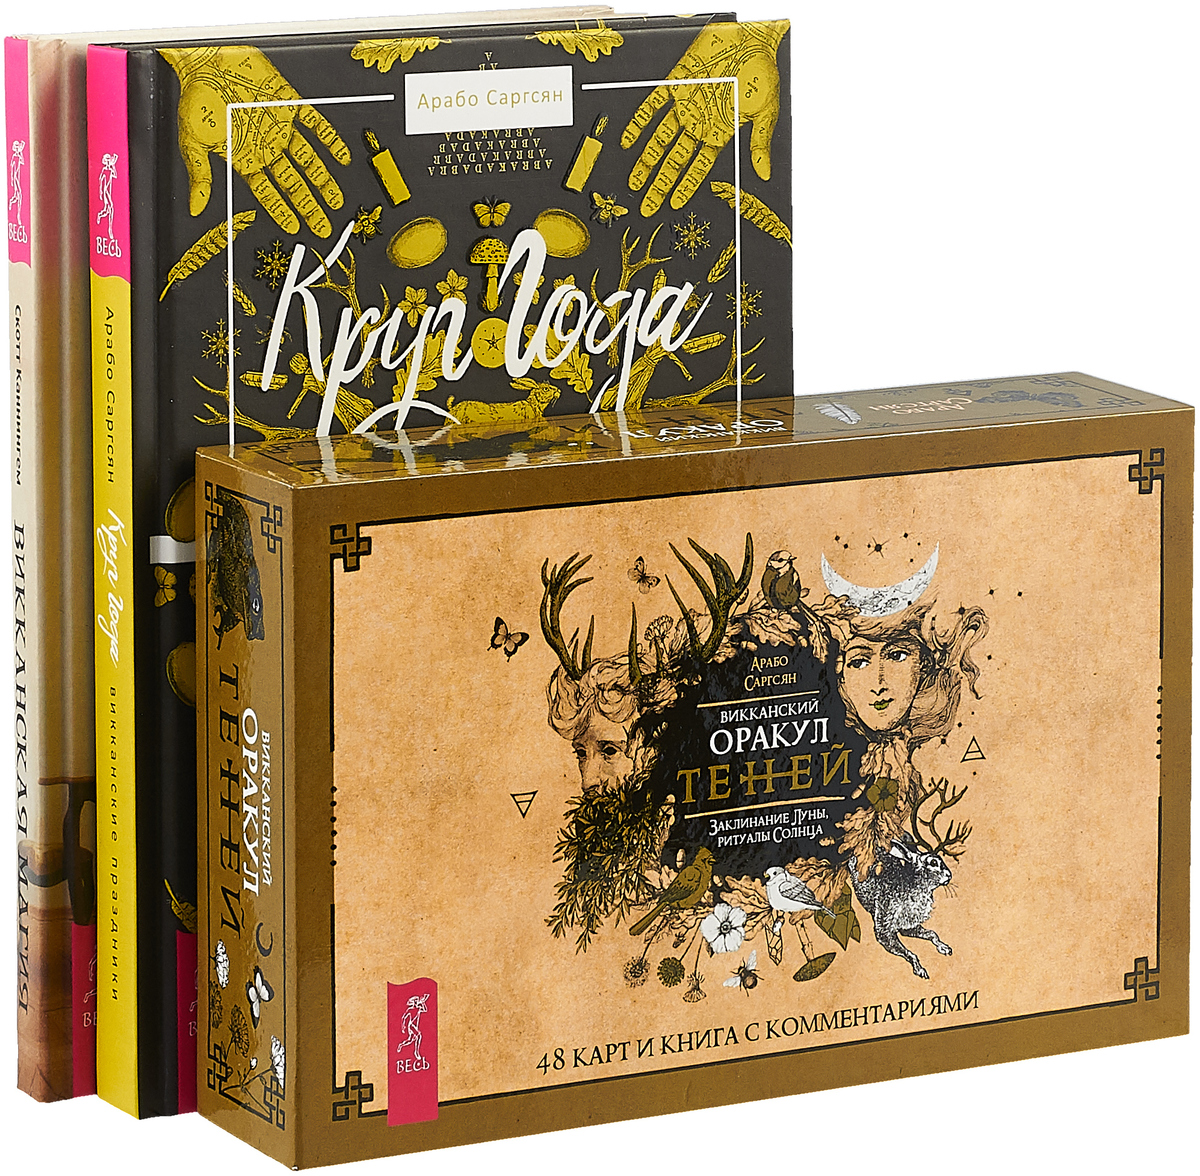 Арабо Саргсян, Скотт Каннингем Викканский Оракул Теней. Викканская магия. Круг Года (комплект: 3 книги + колода из 48 карт) цены